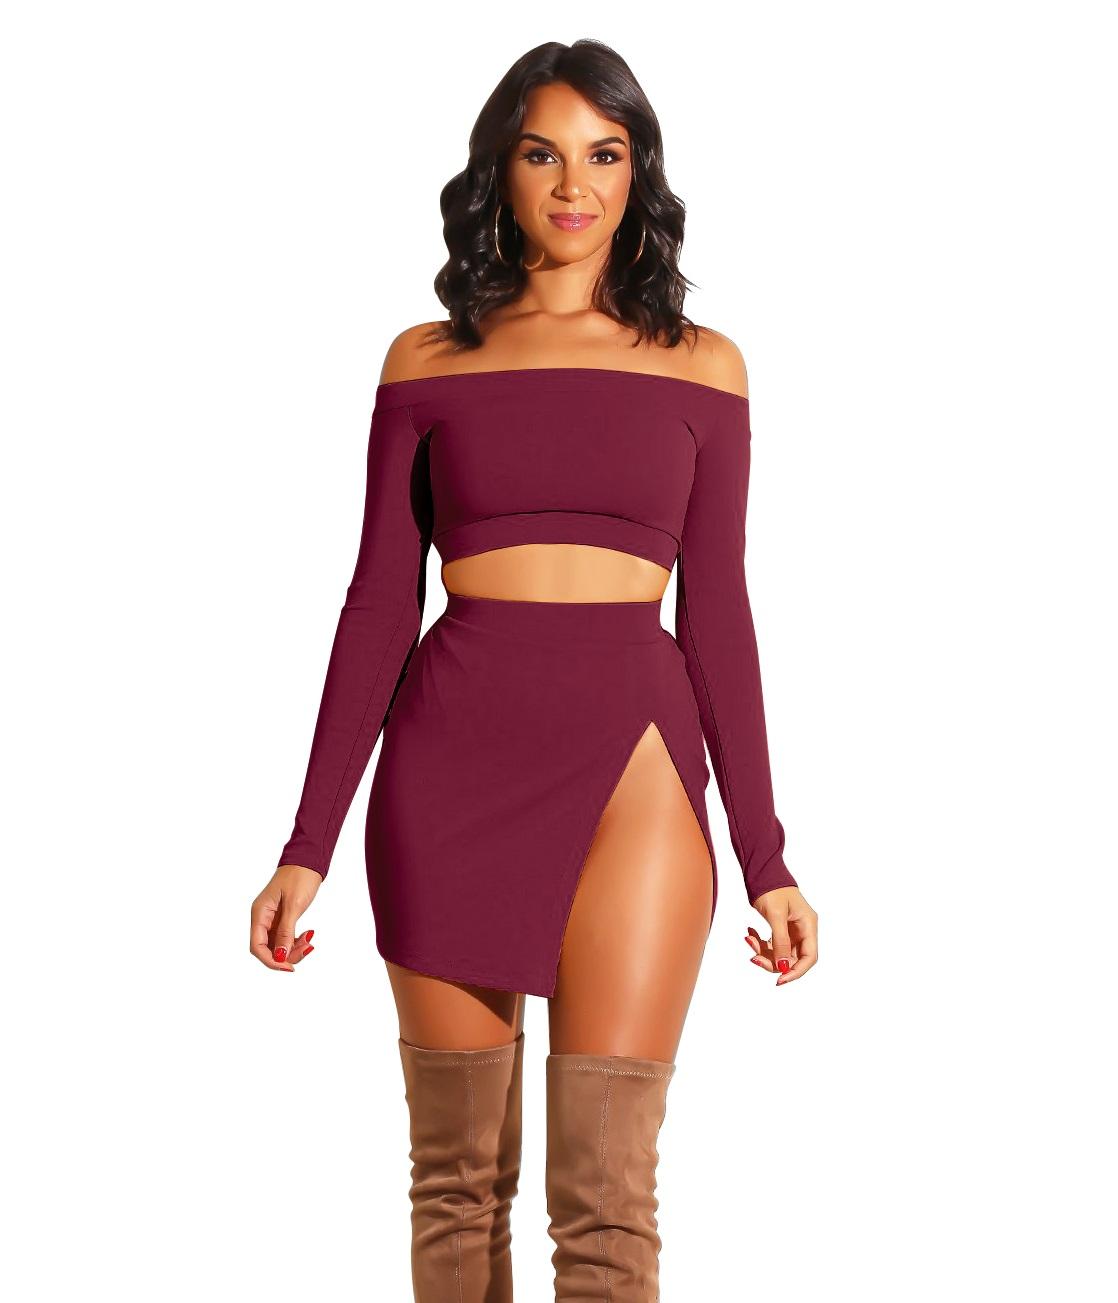 d21635d88b73cd US$ 5.96 - Plain Color Off Shoulder Crop Top and High Cut Skirt ...